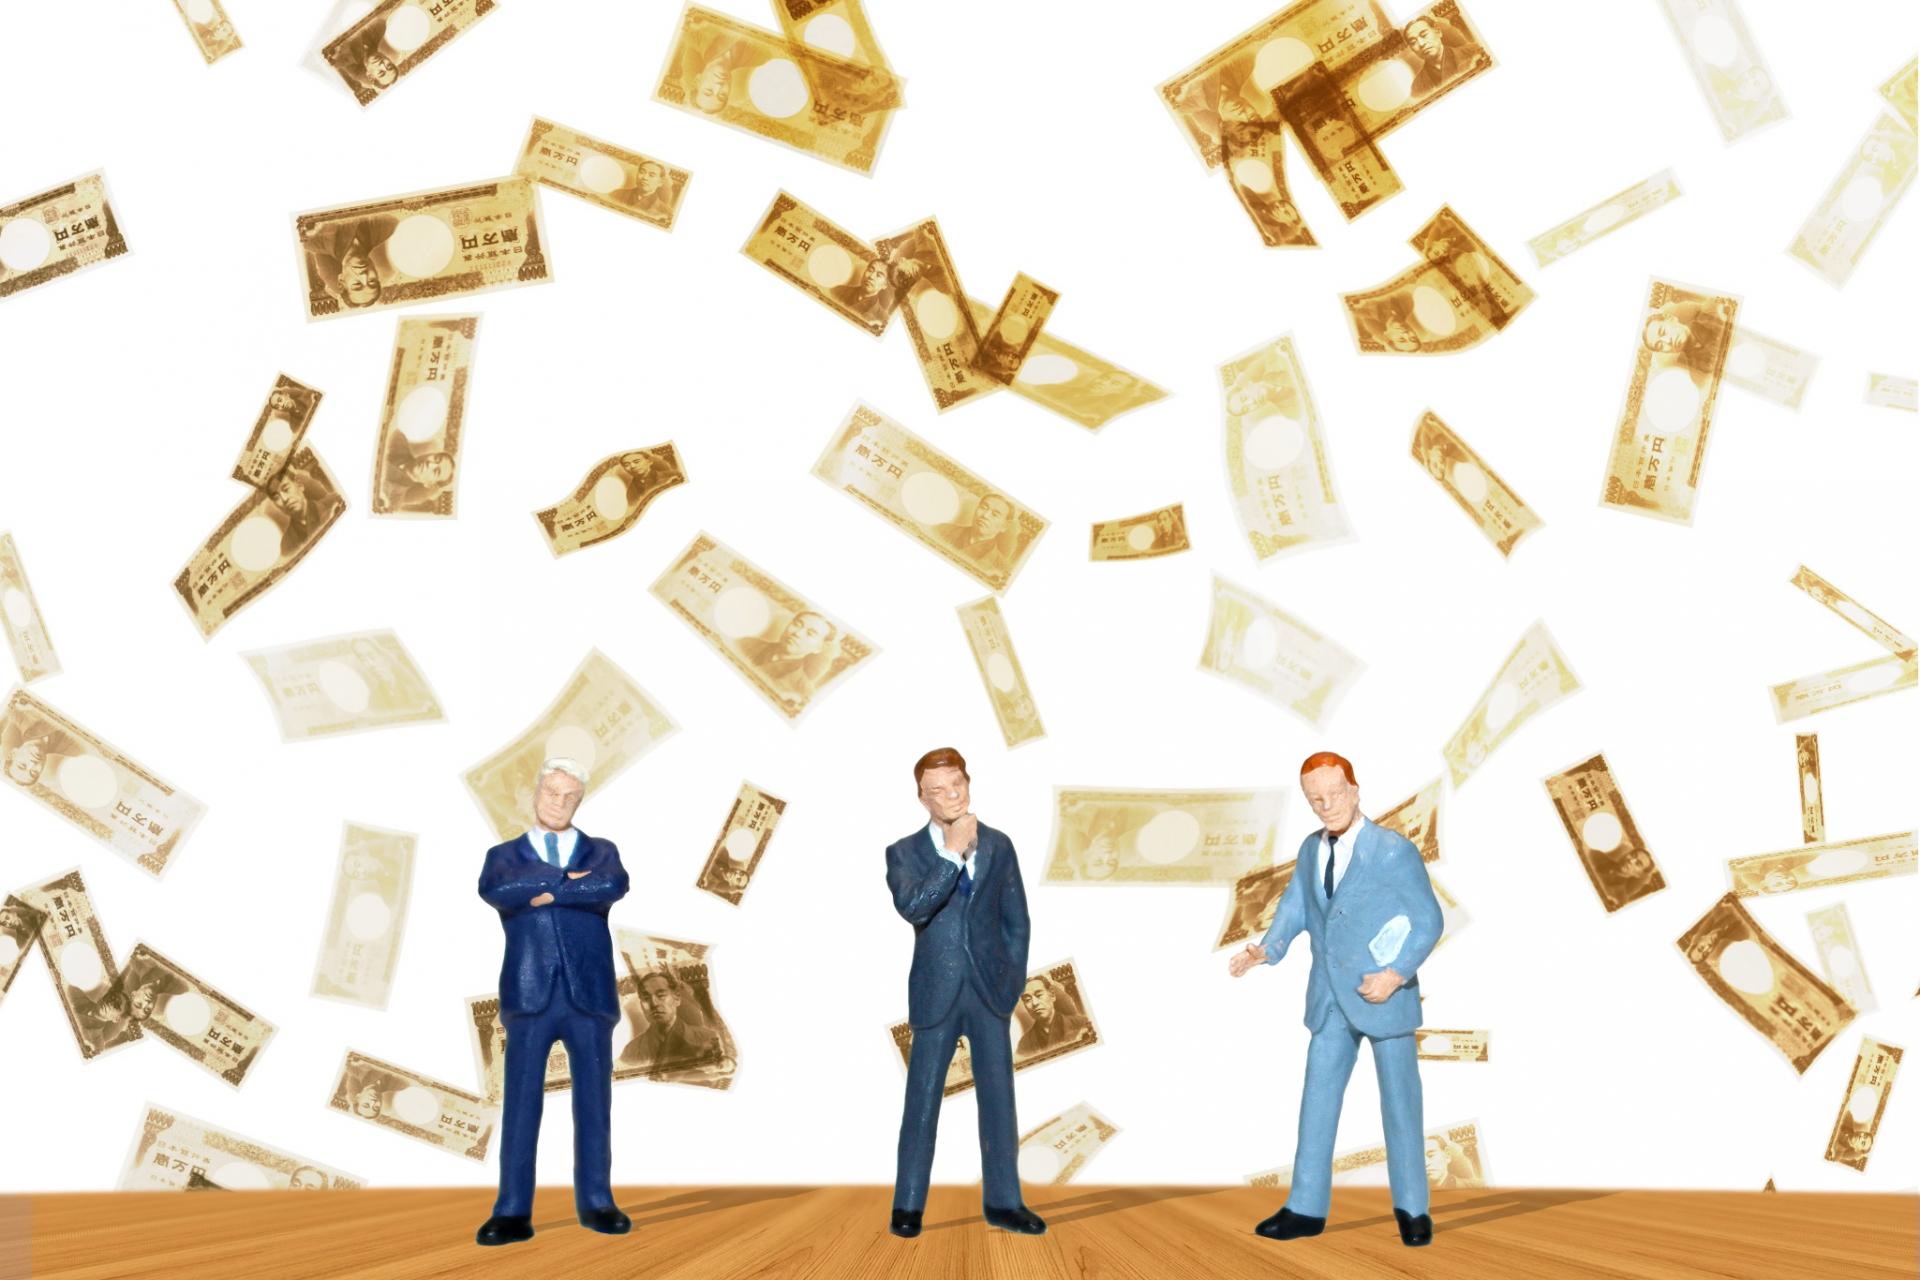 バイナリーオプションでギャンブルにならないための取引方法。